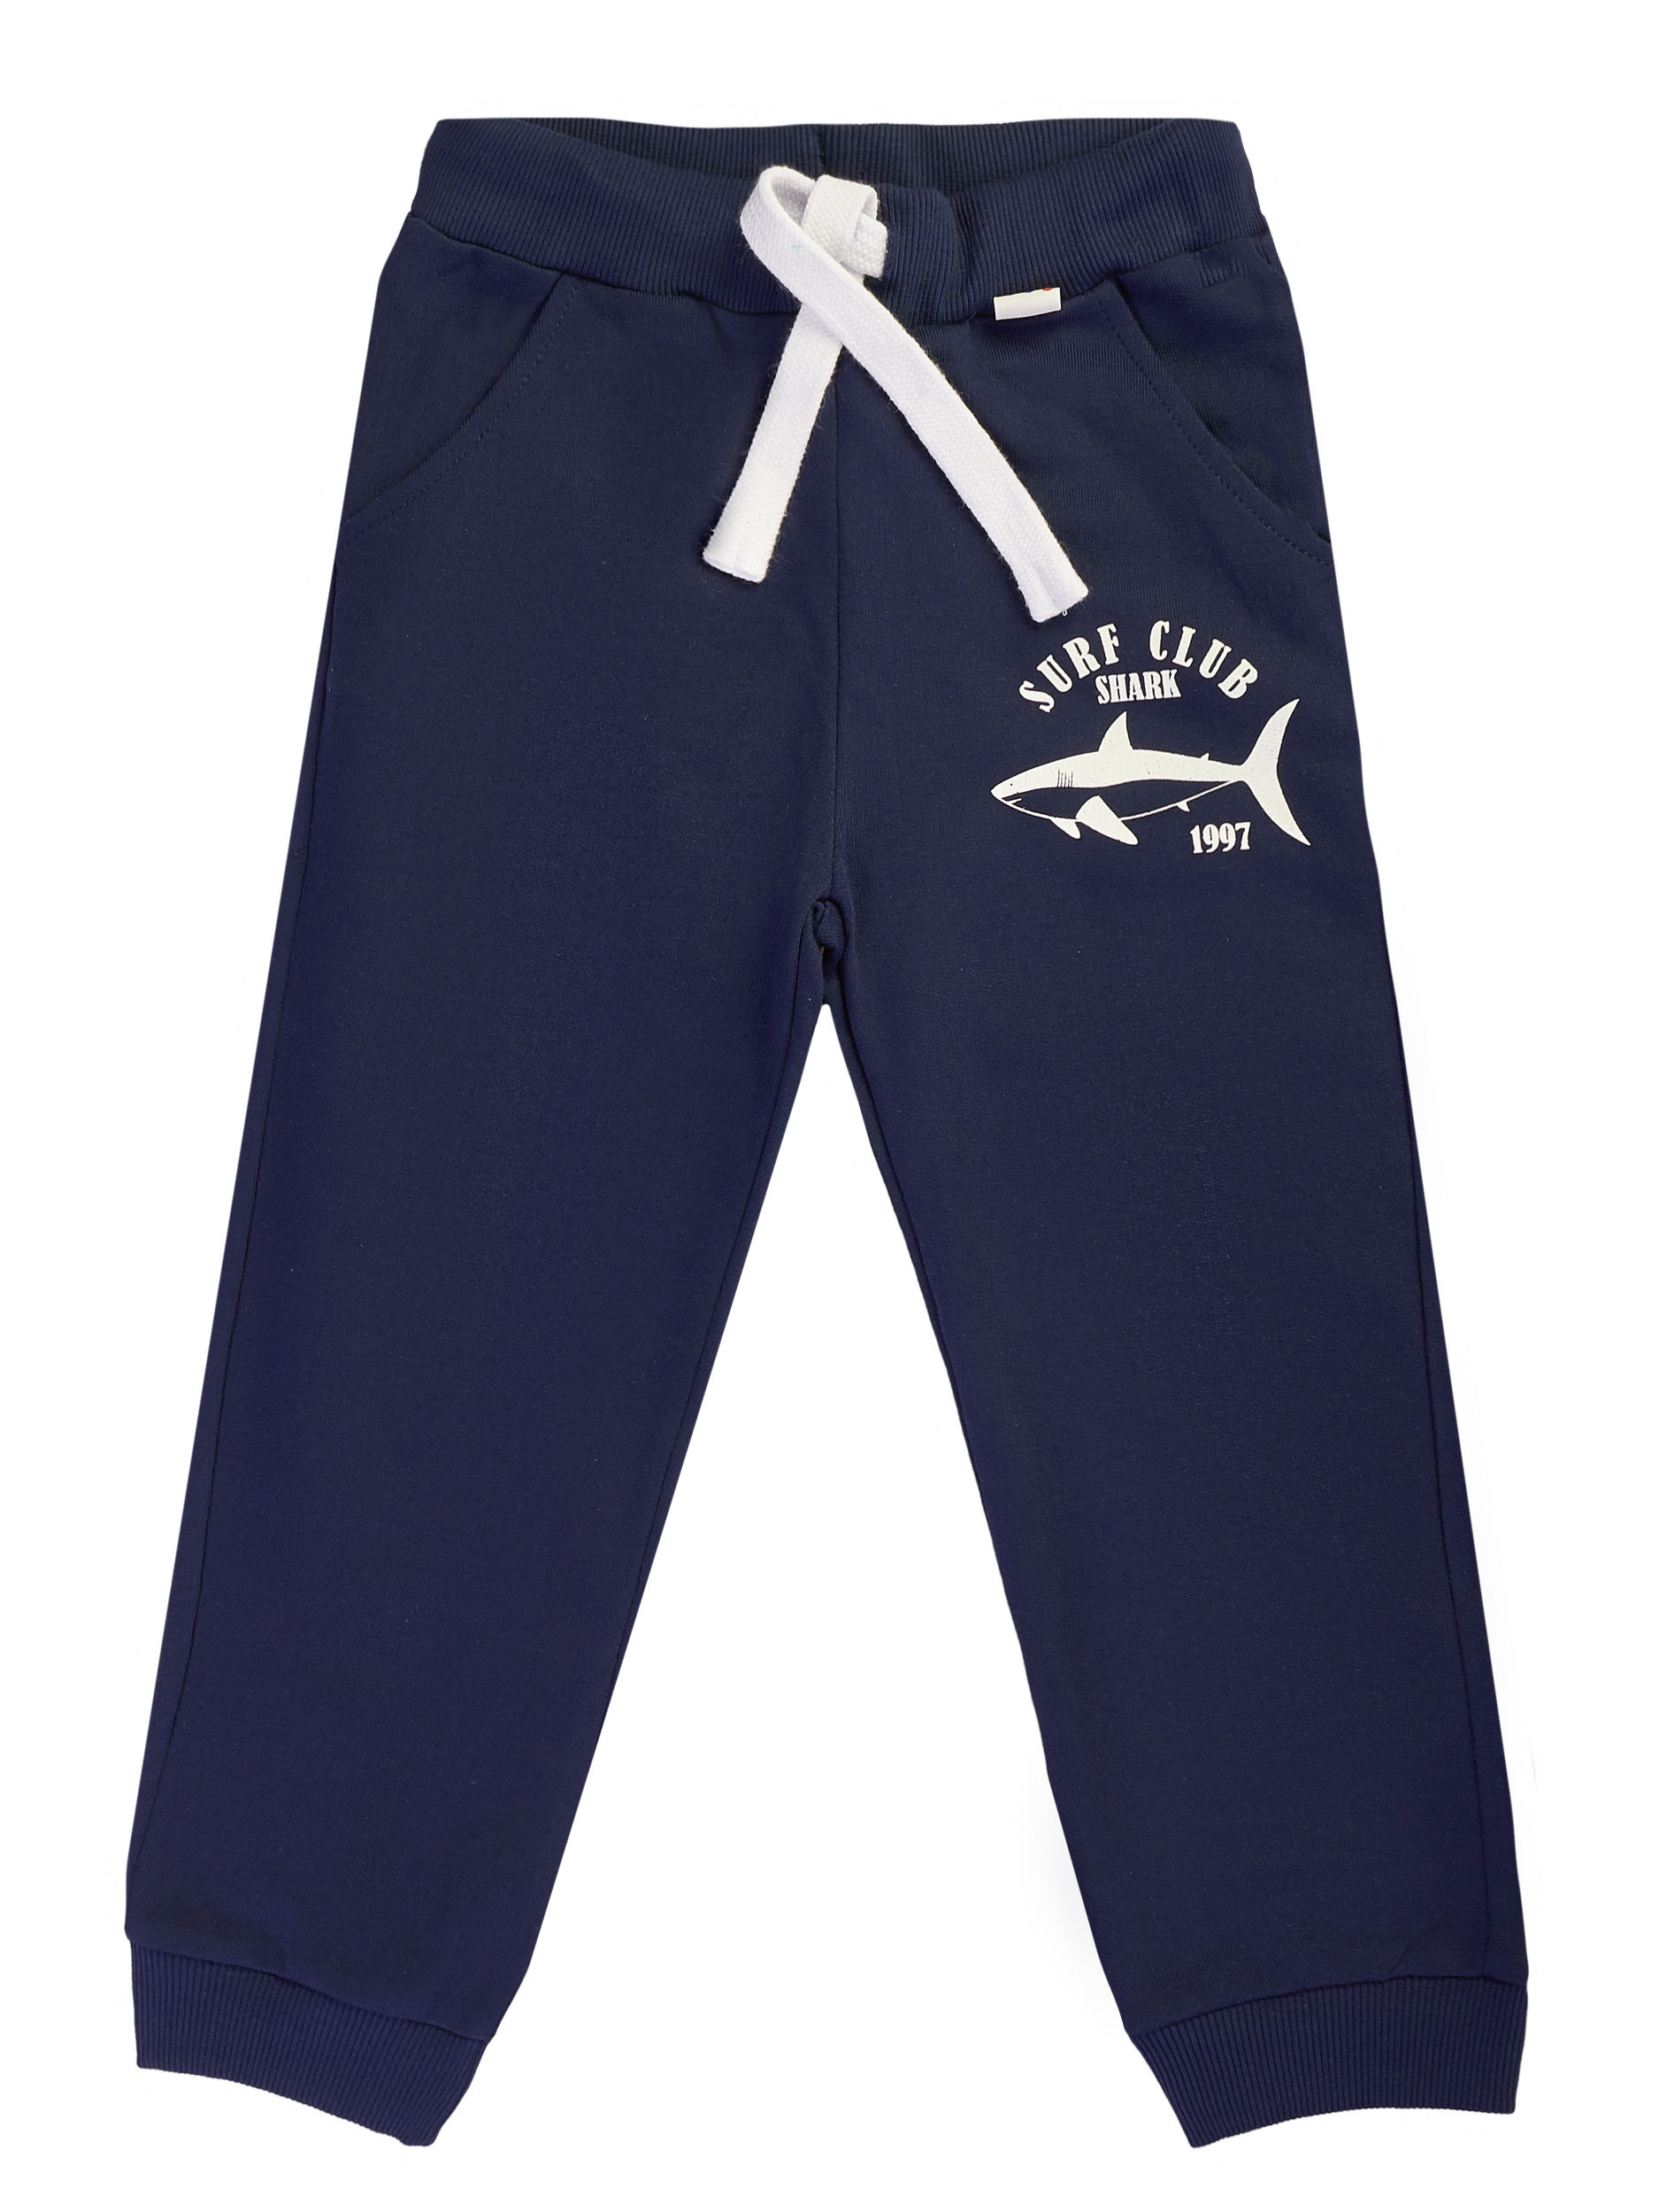 Chlapecké tepláky Surf Club Navy